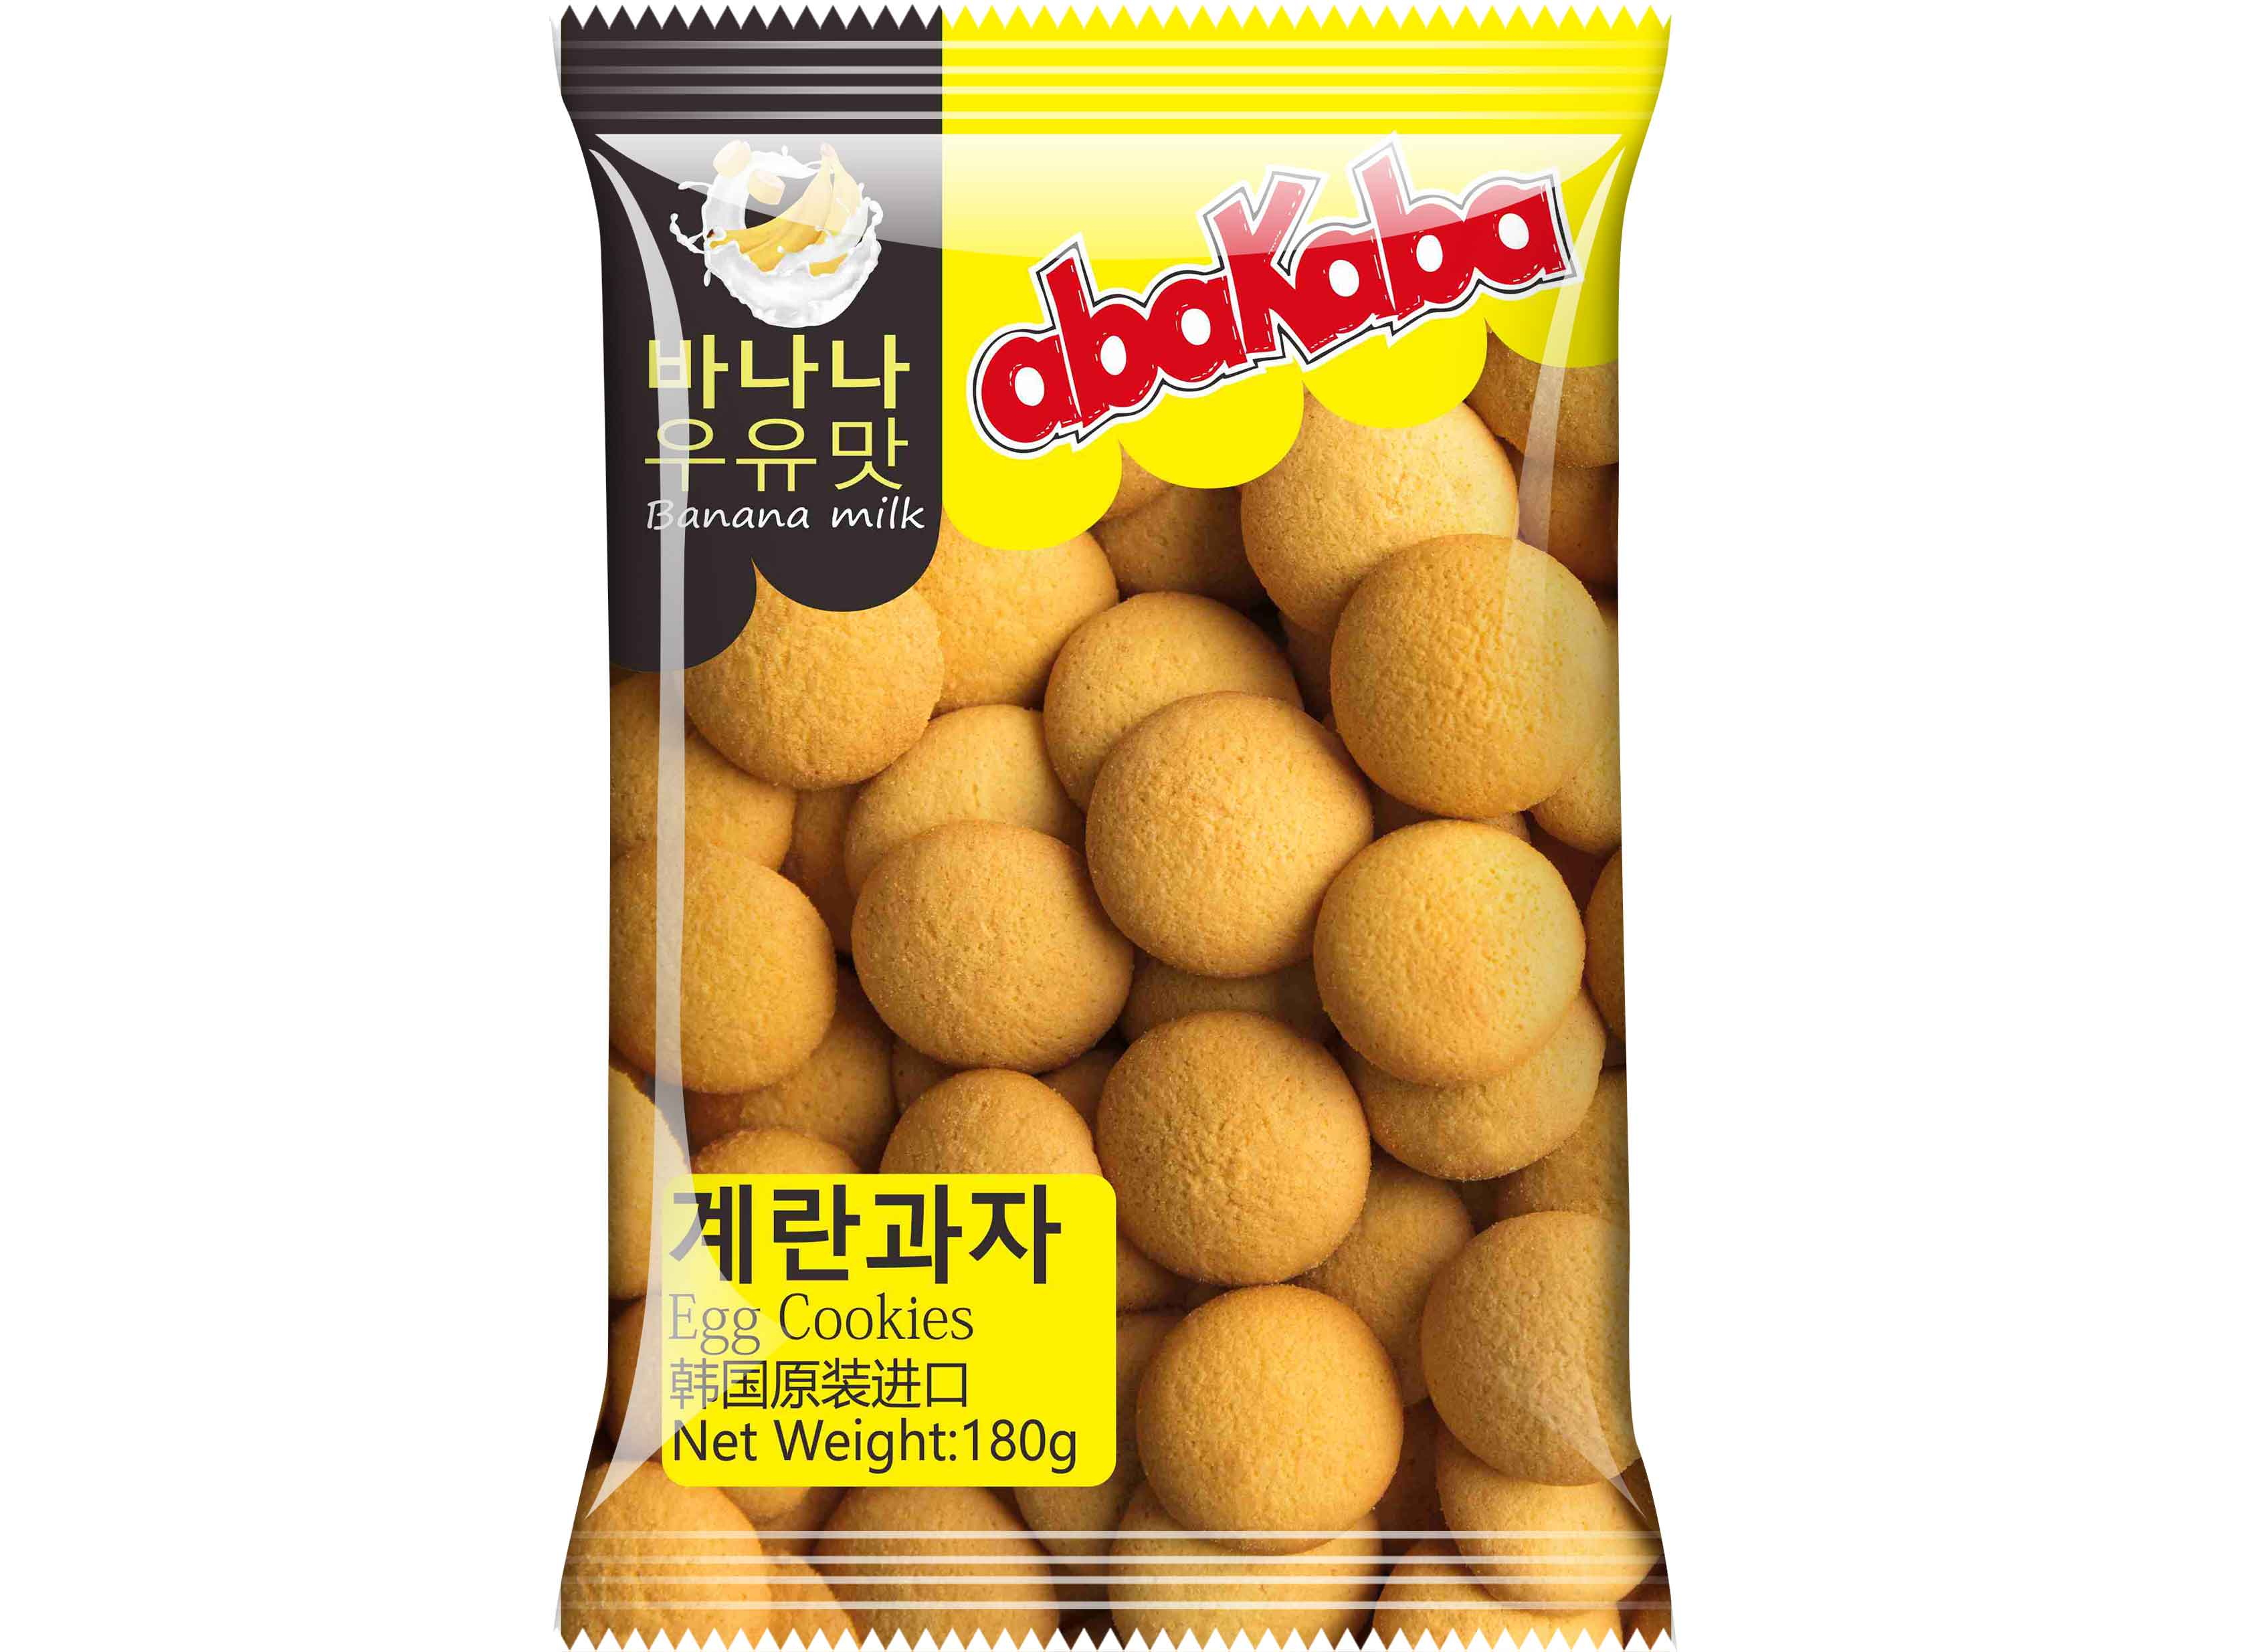 阿巴咔巴香蕉牛奶鸡蛋饼干